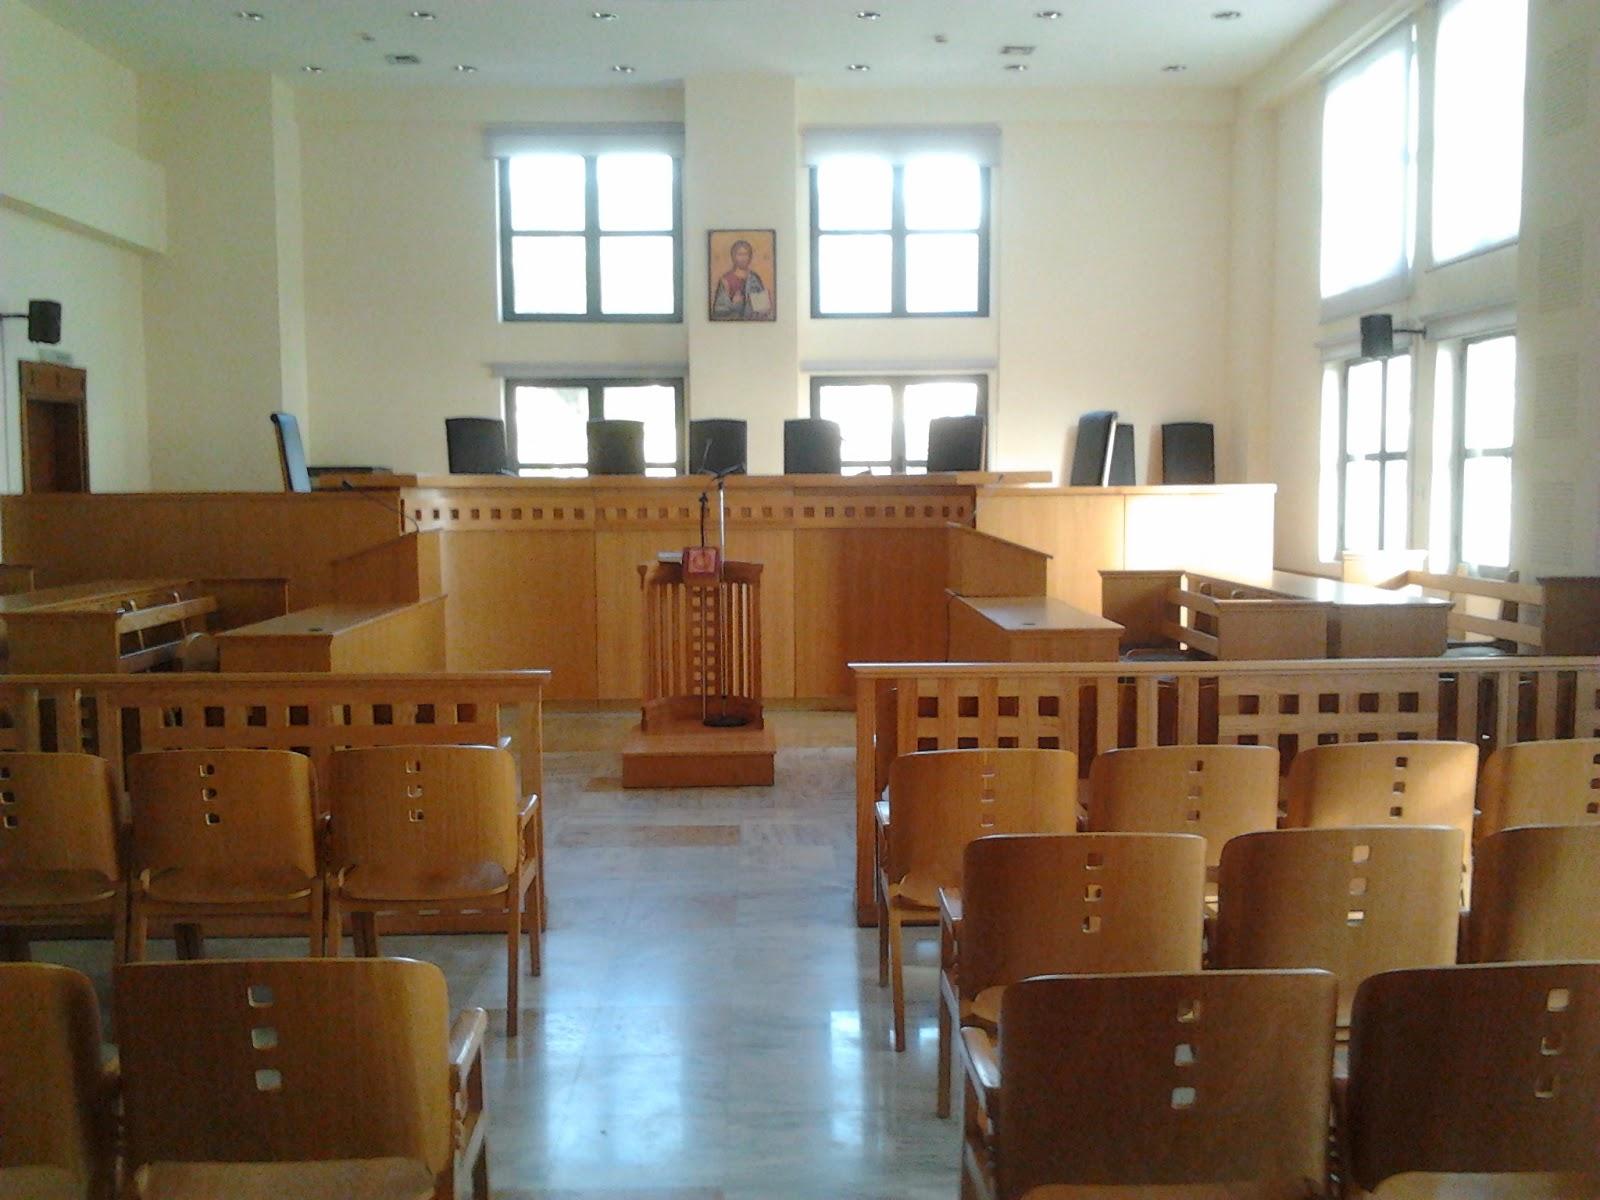 ΕΙΣΑΓΓΕΛΙΑ ΚΑΒΑΛΑΣ -Δικαστικό Μέγαρο Καβάλας